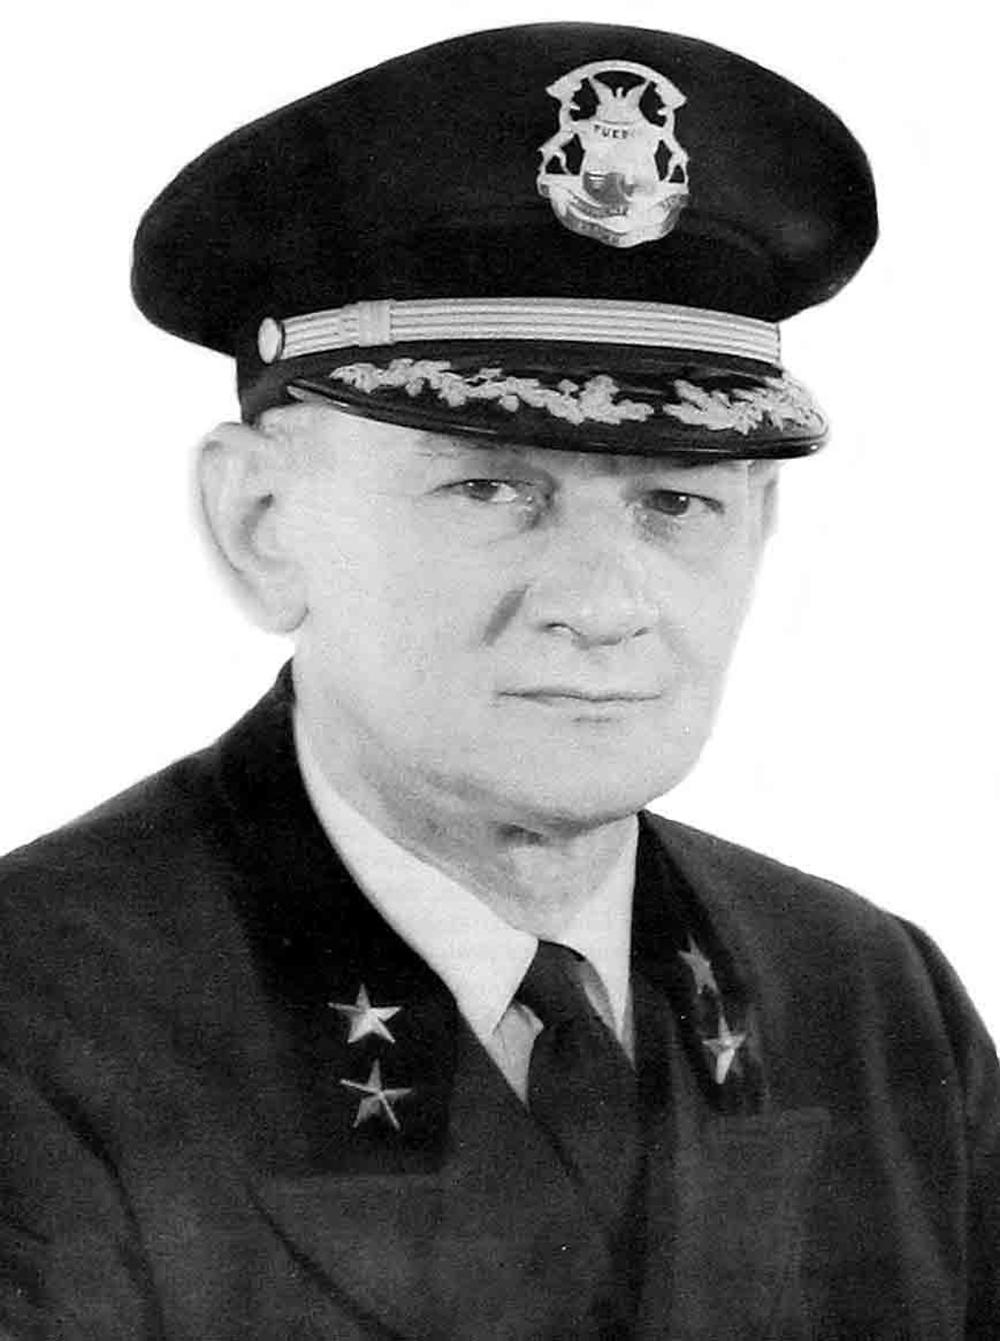 Commissioner John Nichols